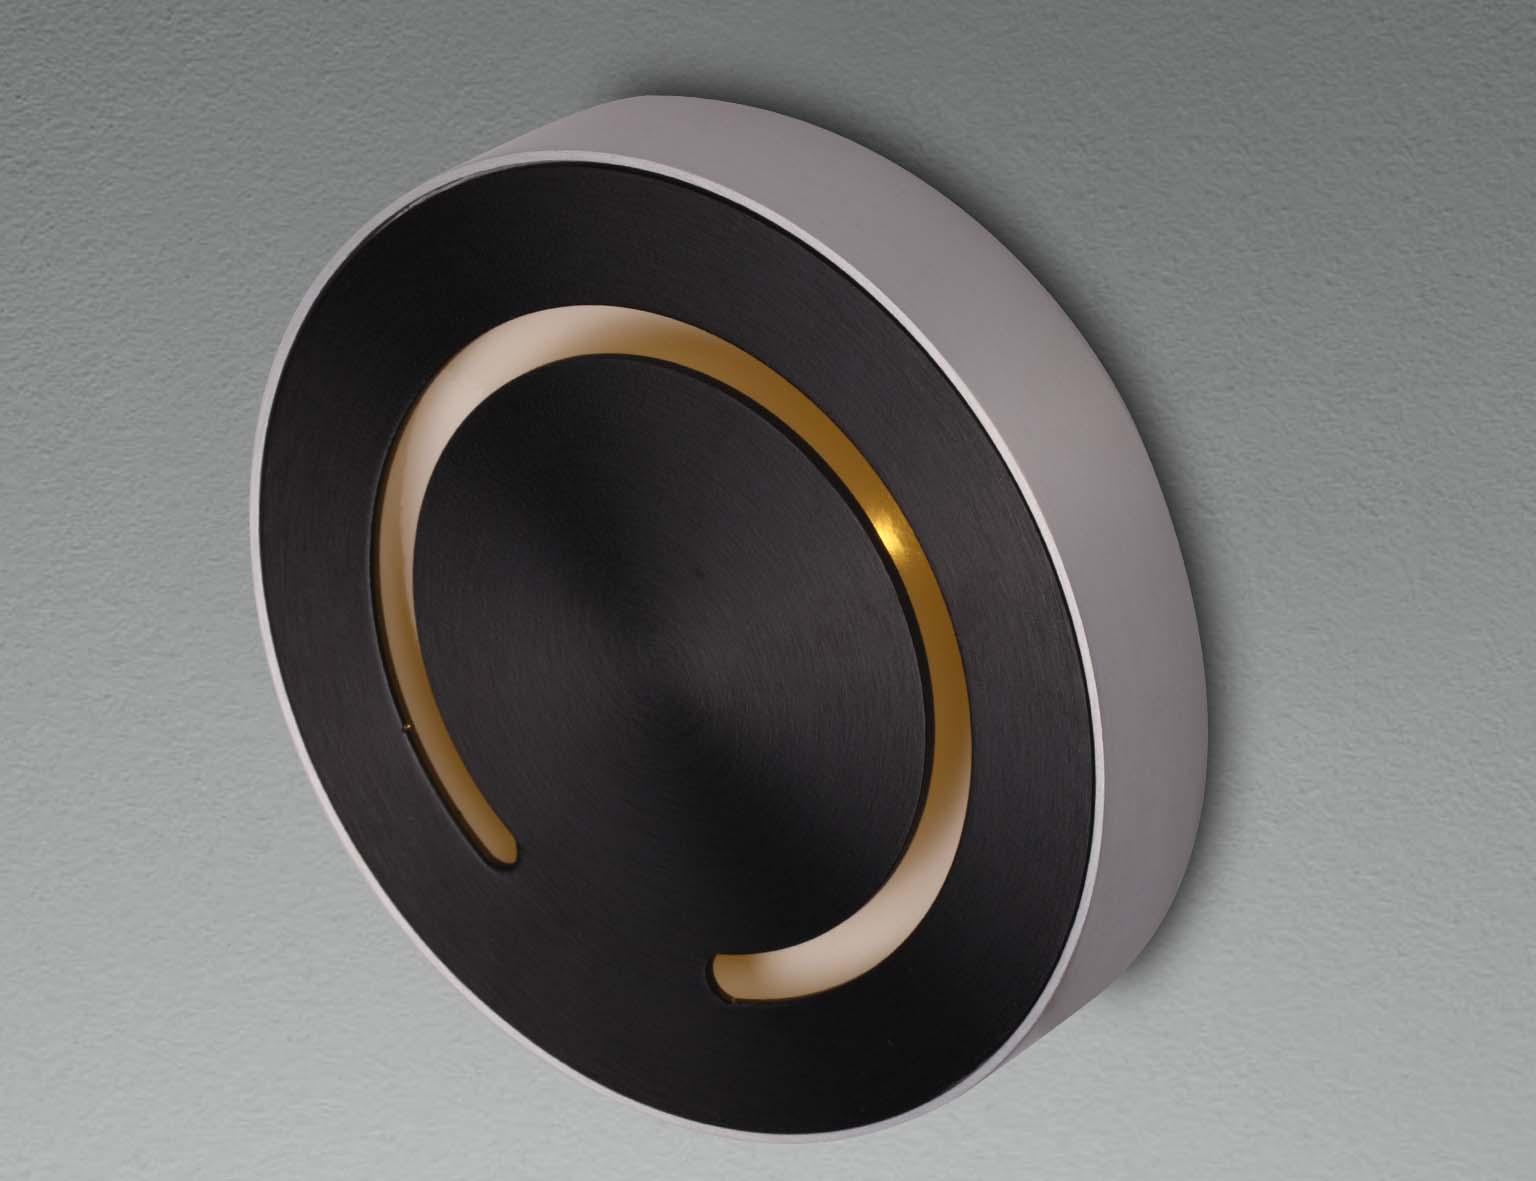 led wandlampen led design verlichting van ledw re. Black Bedroom Furniture Sets. Home Design Ideas